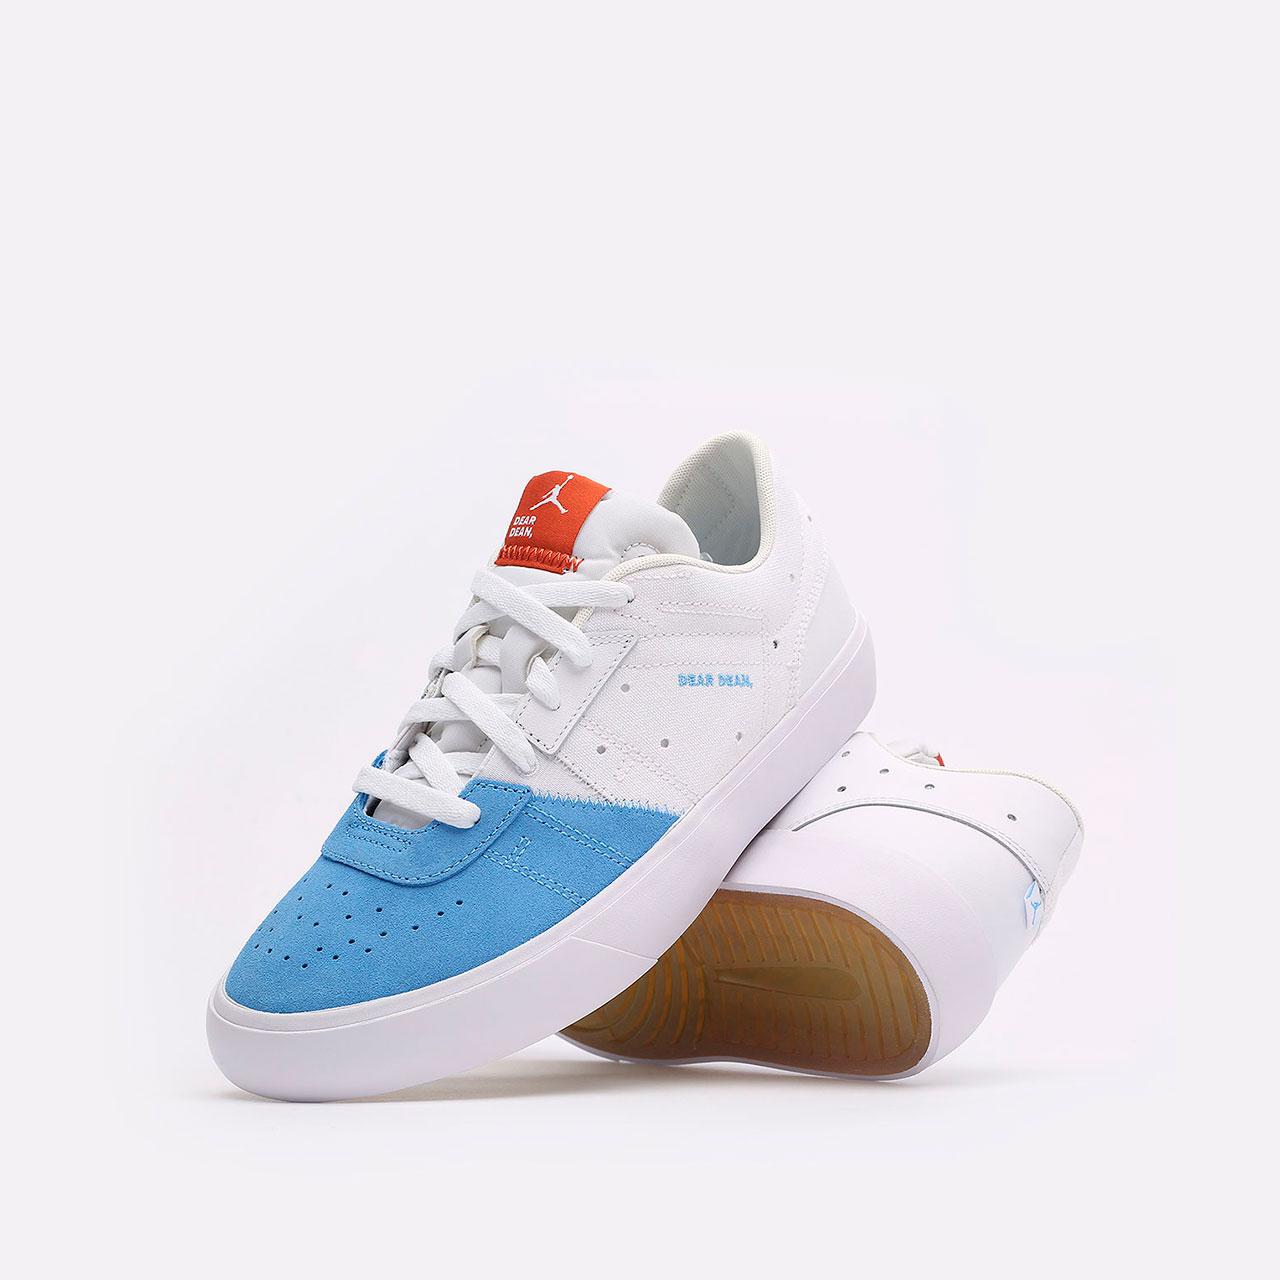 мужские голубые, белые  кроссовки jordan series.02 DJ0417-100 - цена, описание, фото 2